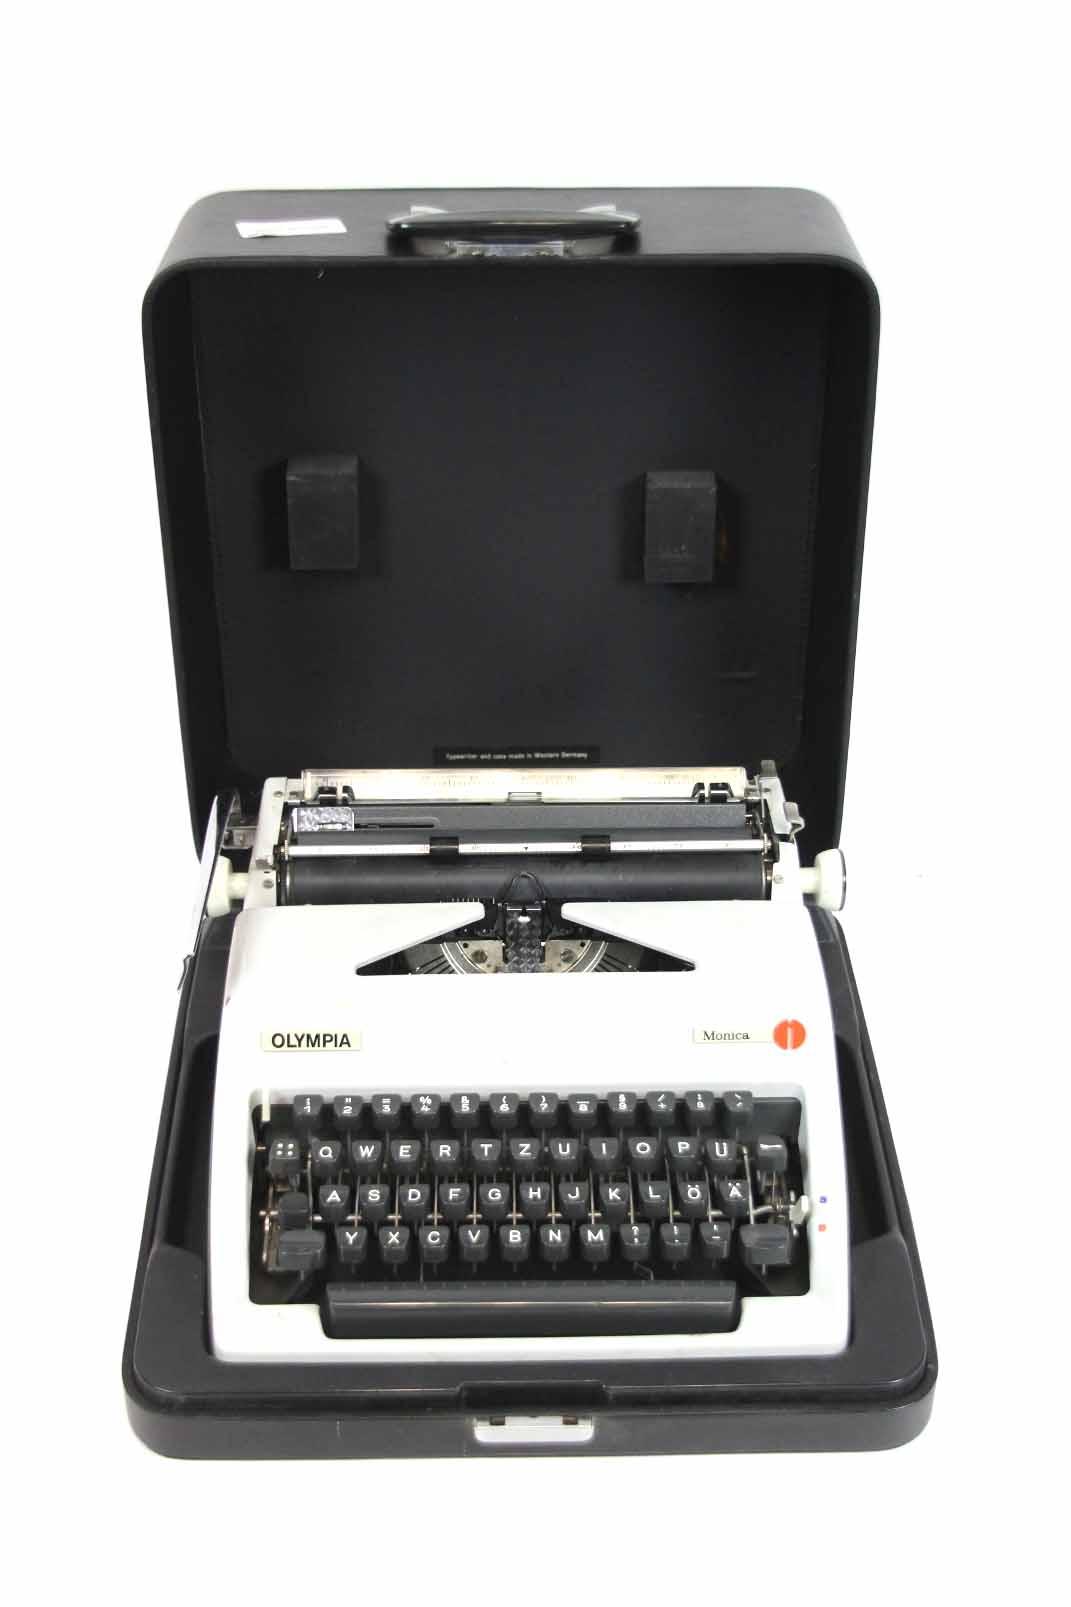 olympia monica reise schreibmaschine grau metall im koffer typenwriter ebay. Black Bedroom Furniture Sets. Home Design Ideas